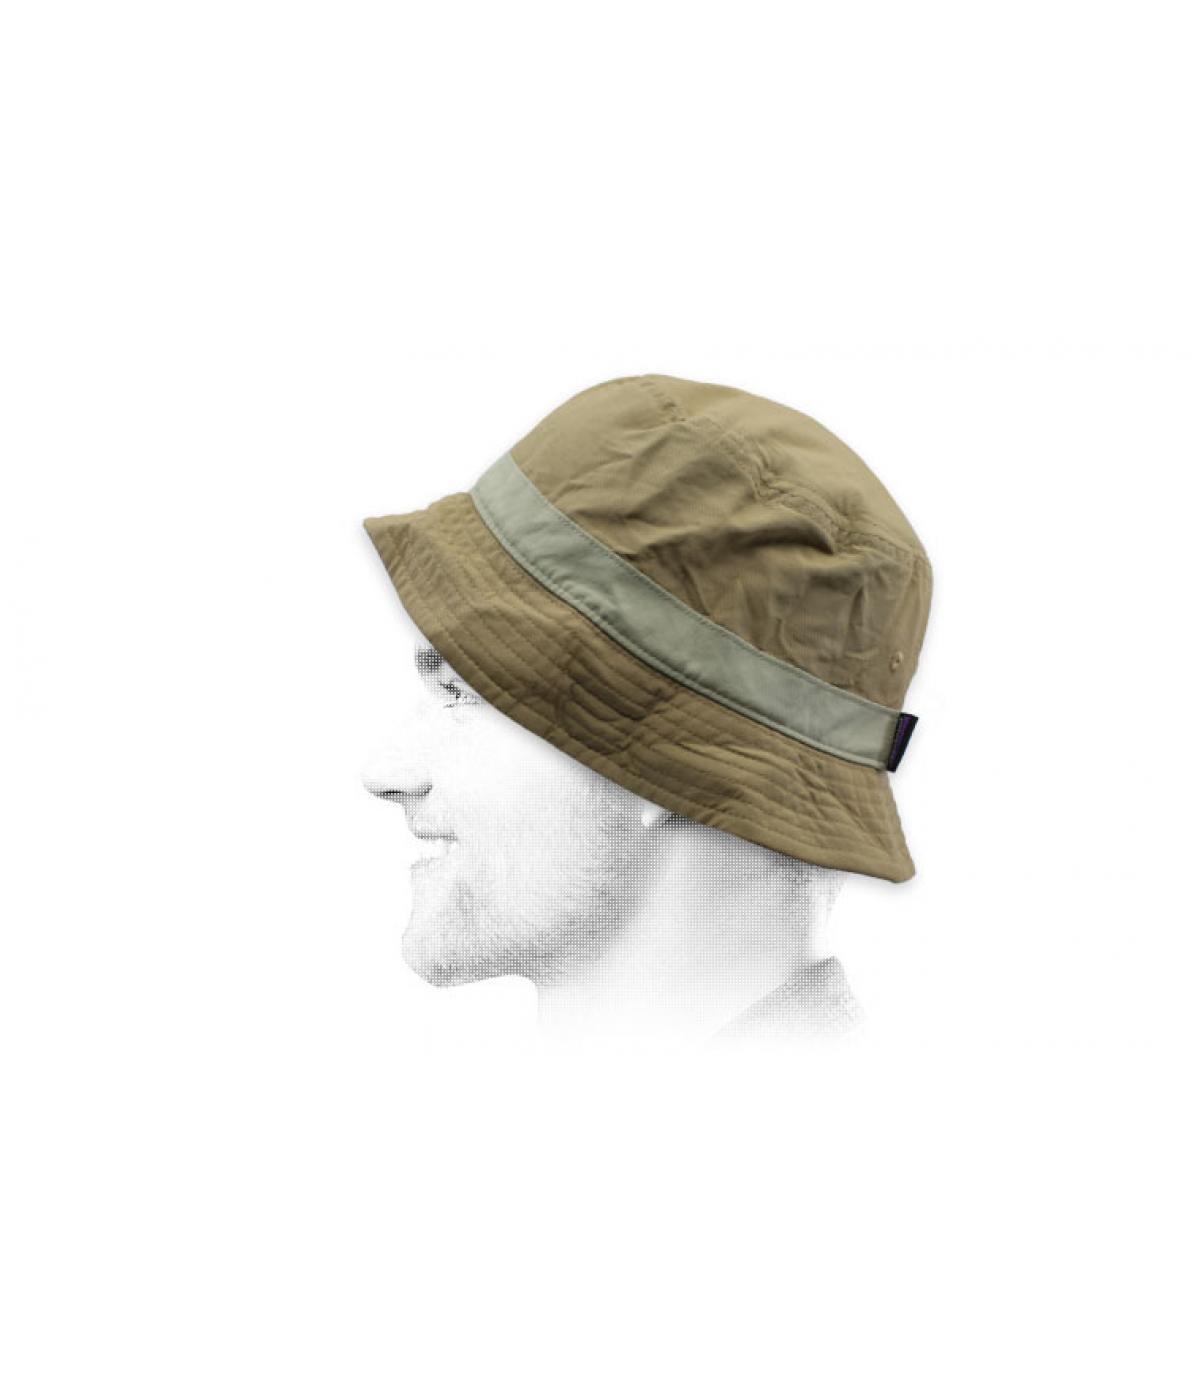 beige Patagonia bucket hat